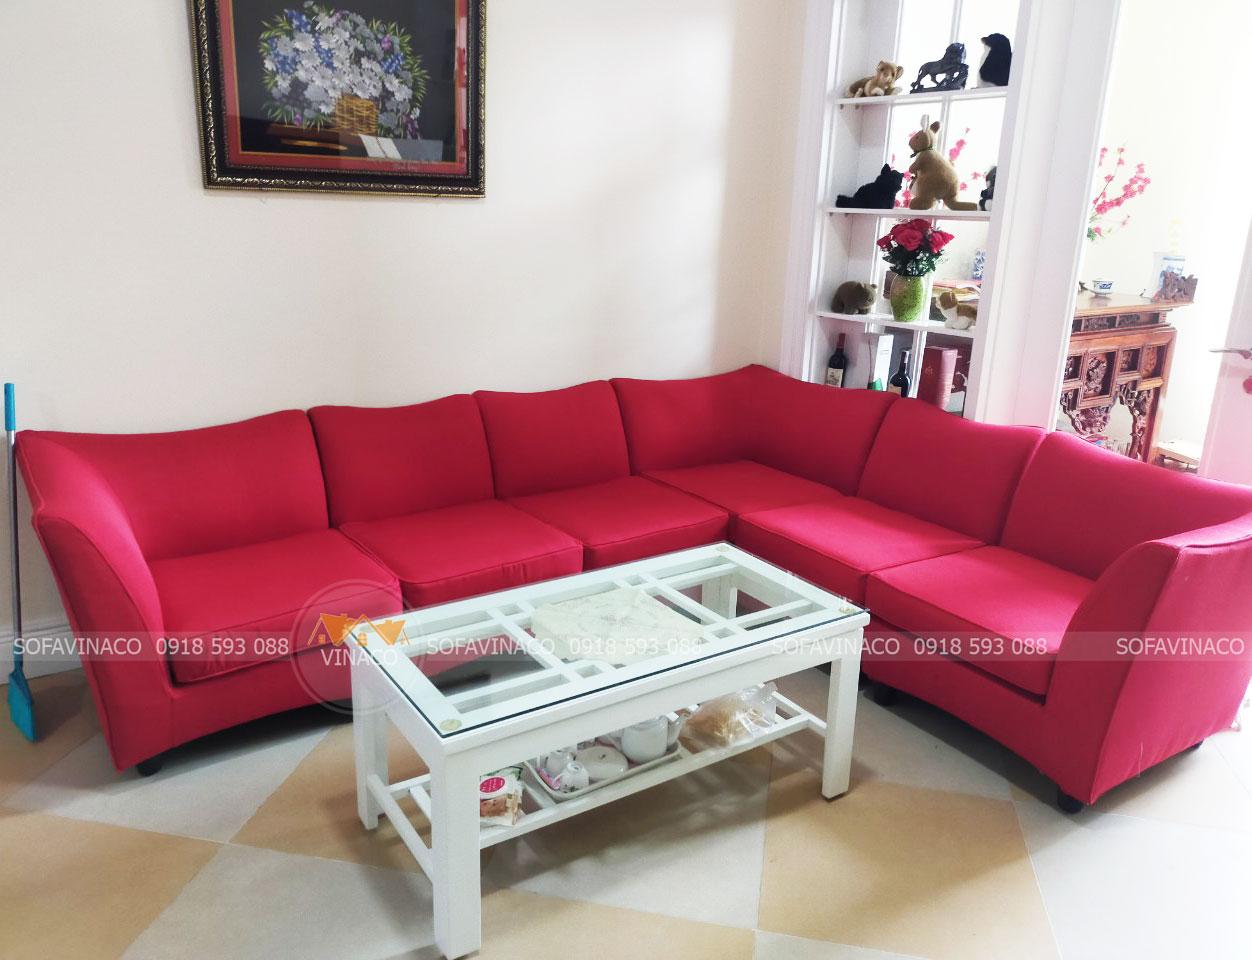 Bọc ghế sofa góc màu đỏ uy tín chất lượng tại Kim Mã, Hà Nội